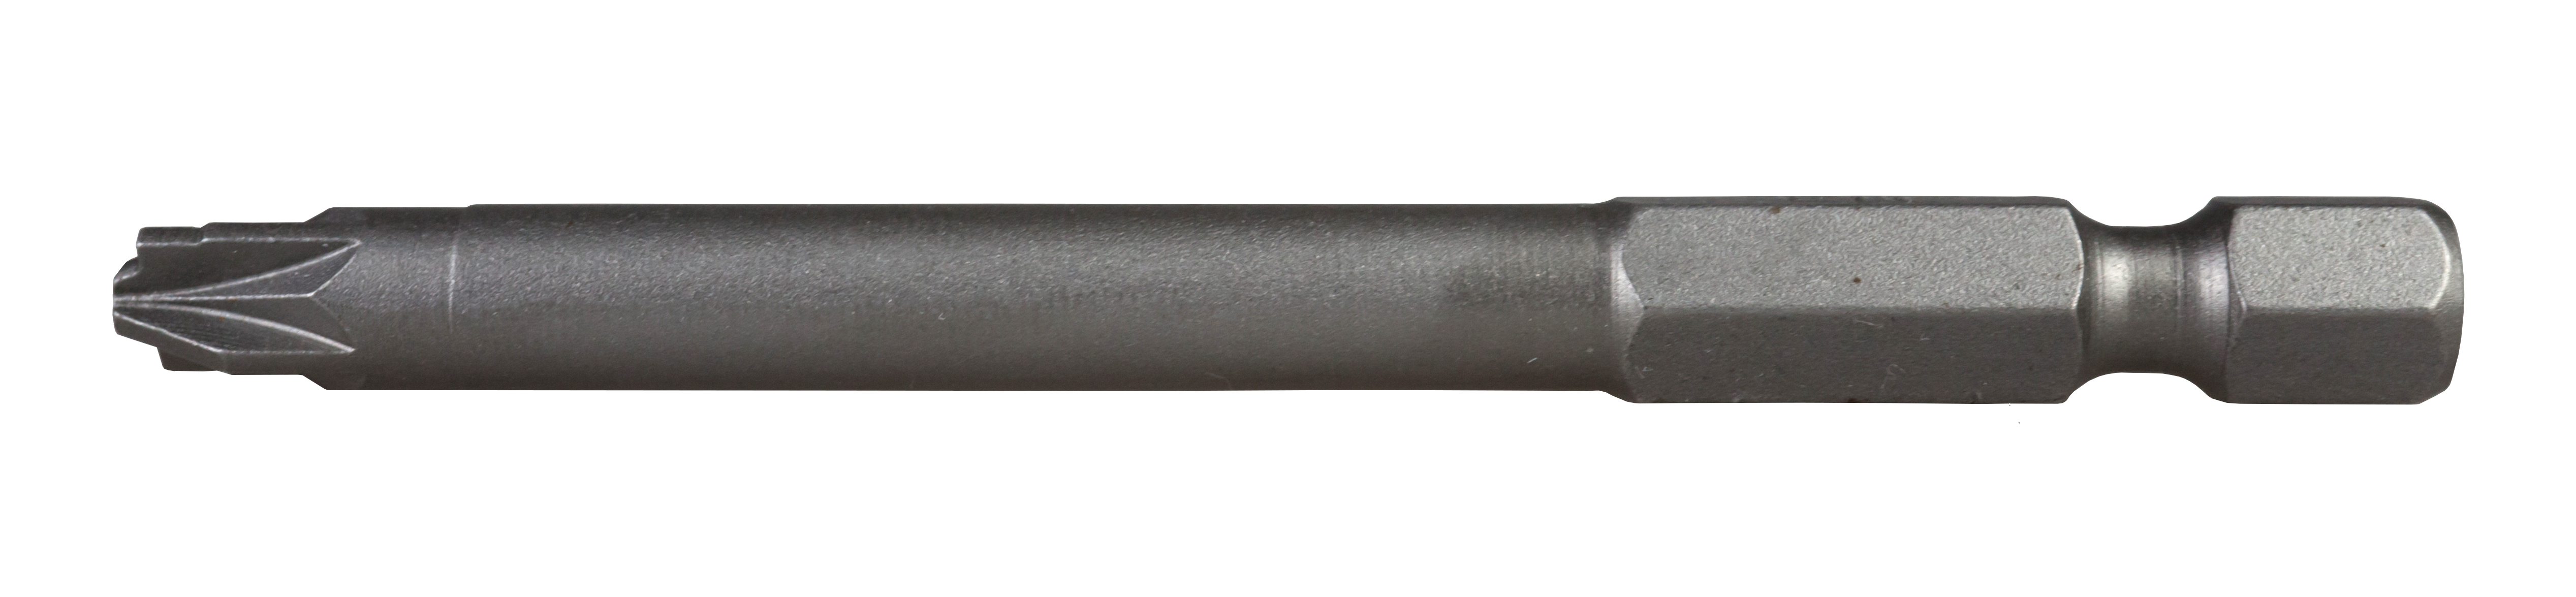 1 Stk Bit 1/4 Pozidrive PZ2 +/- Länge:70mm speziell für FI u.LS GI61417679